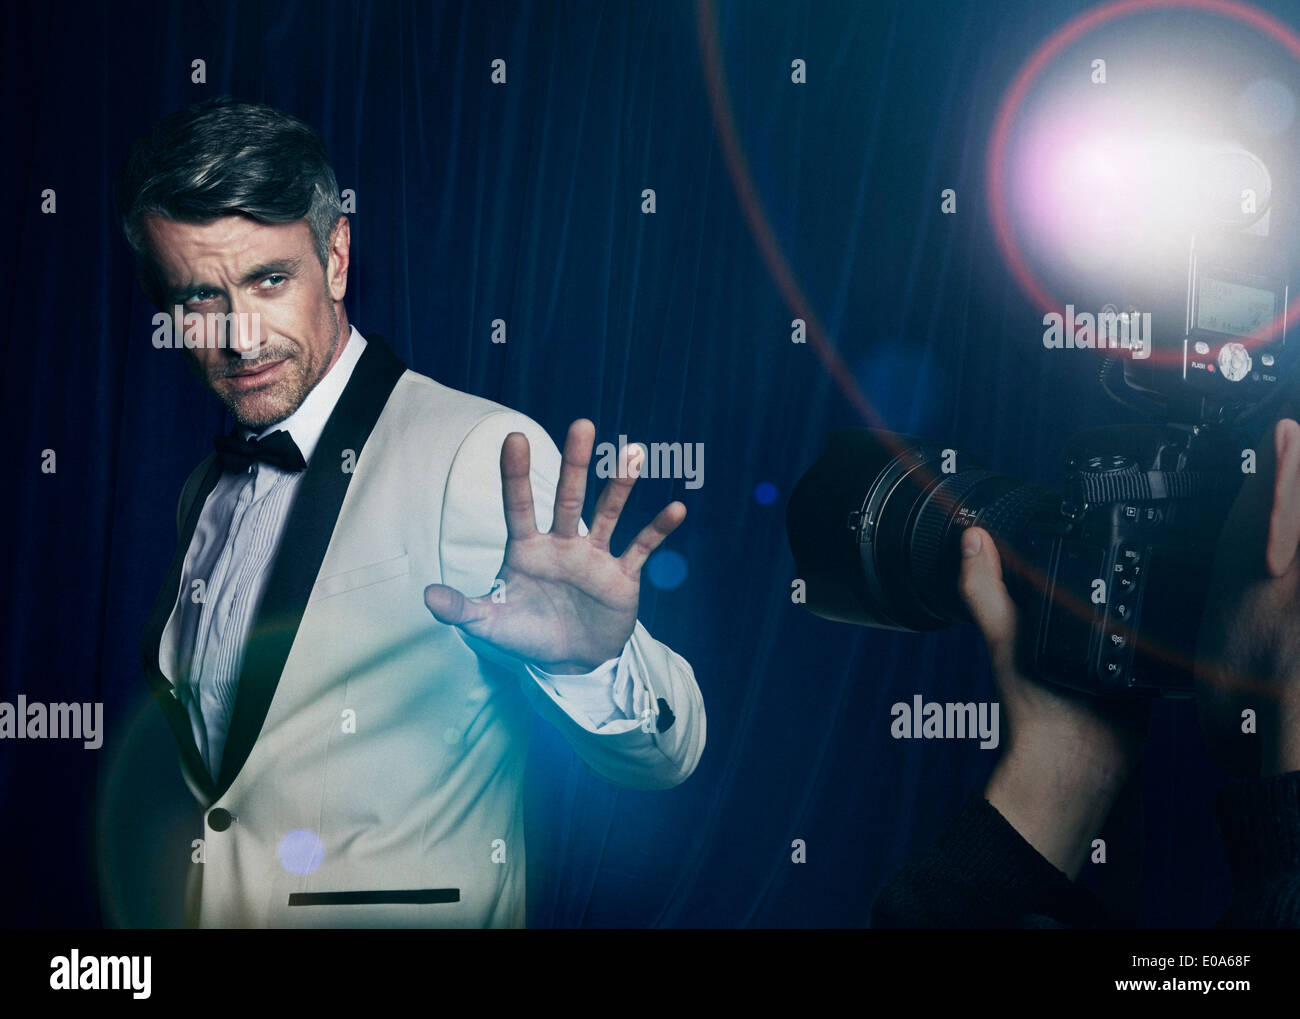 Paparazzi photographing celebrity - Stock Image